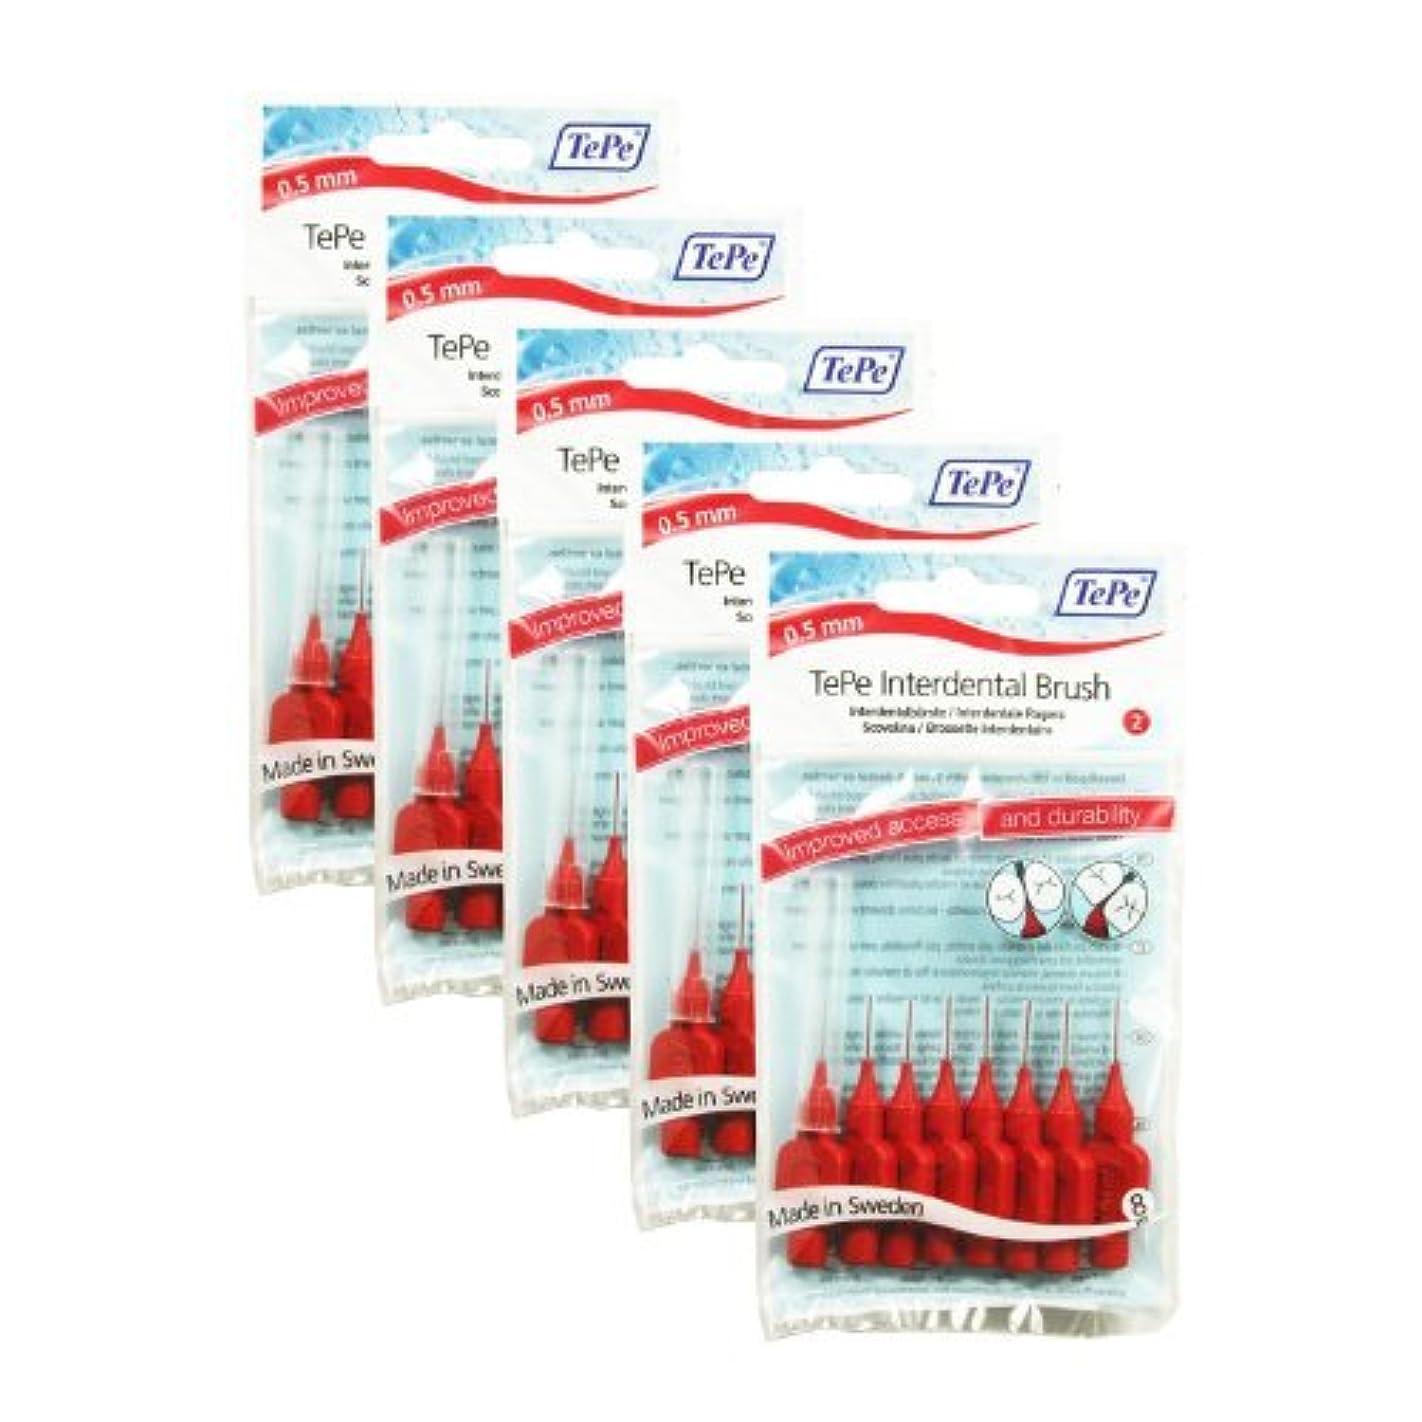 ヒューム振り向くプラカードTePe Interdental Brushes RED 0.55 mm - 40 Brushes (5 Packs of 8) by TePe